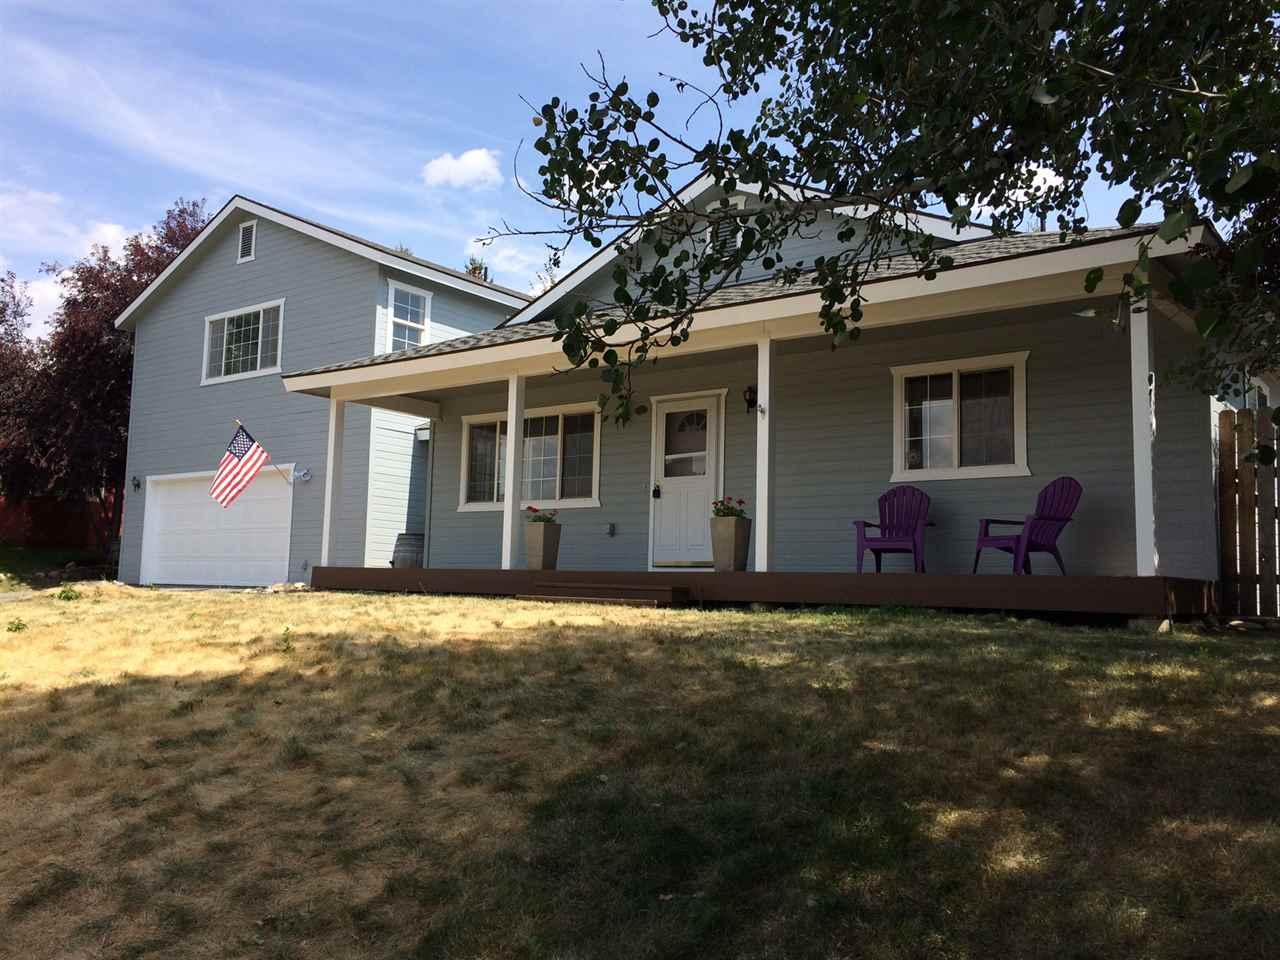 独户住宅 为 销售 在 860 Buckhorn Drive 860 Buckhorn Drive 黑利, 爱达荷州 83333